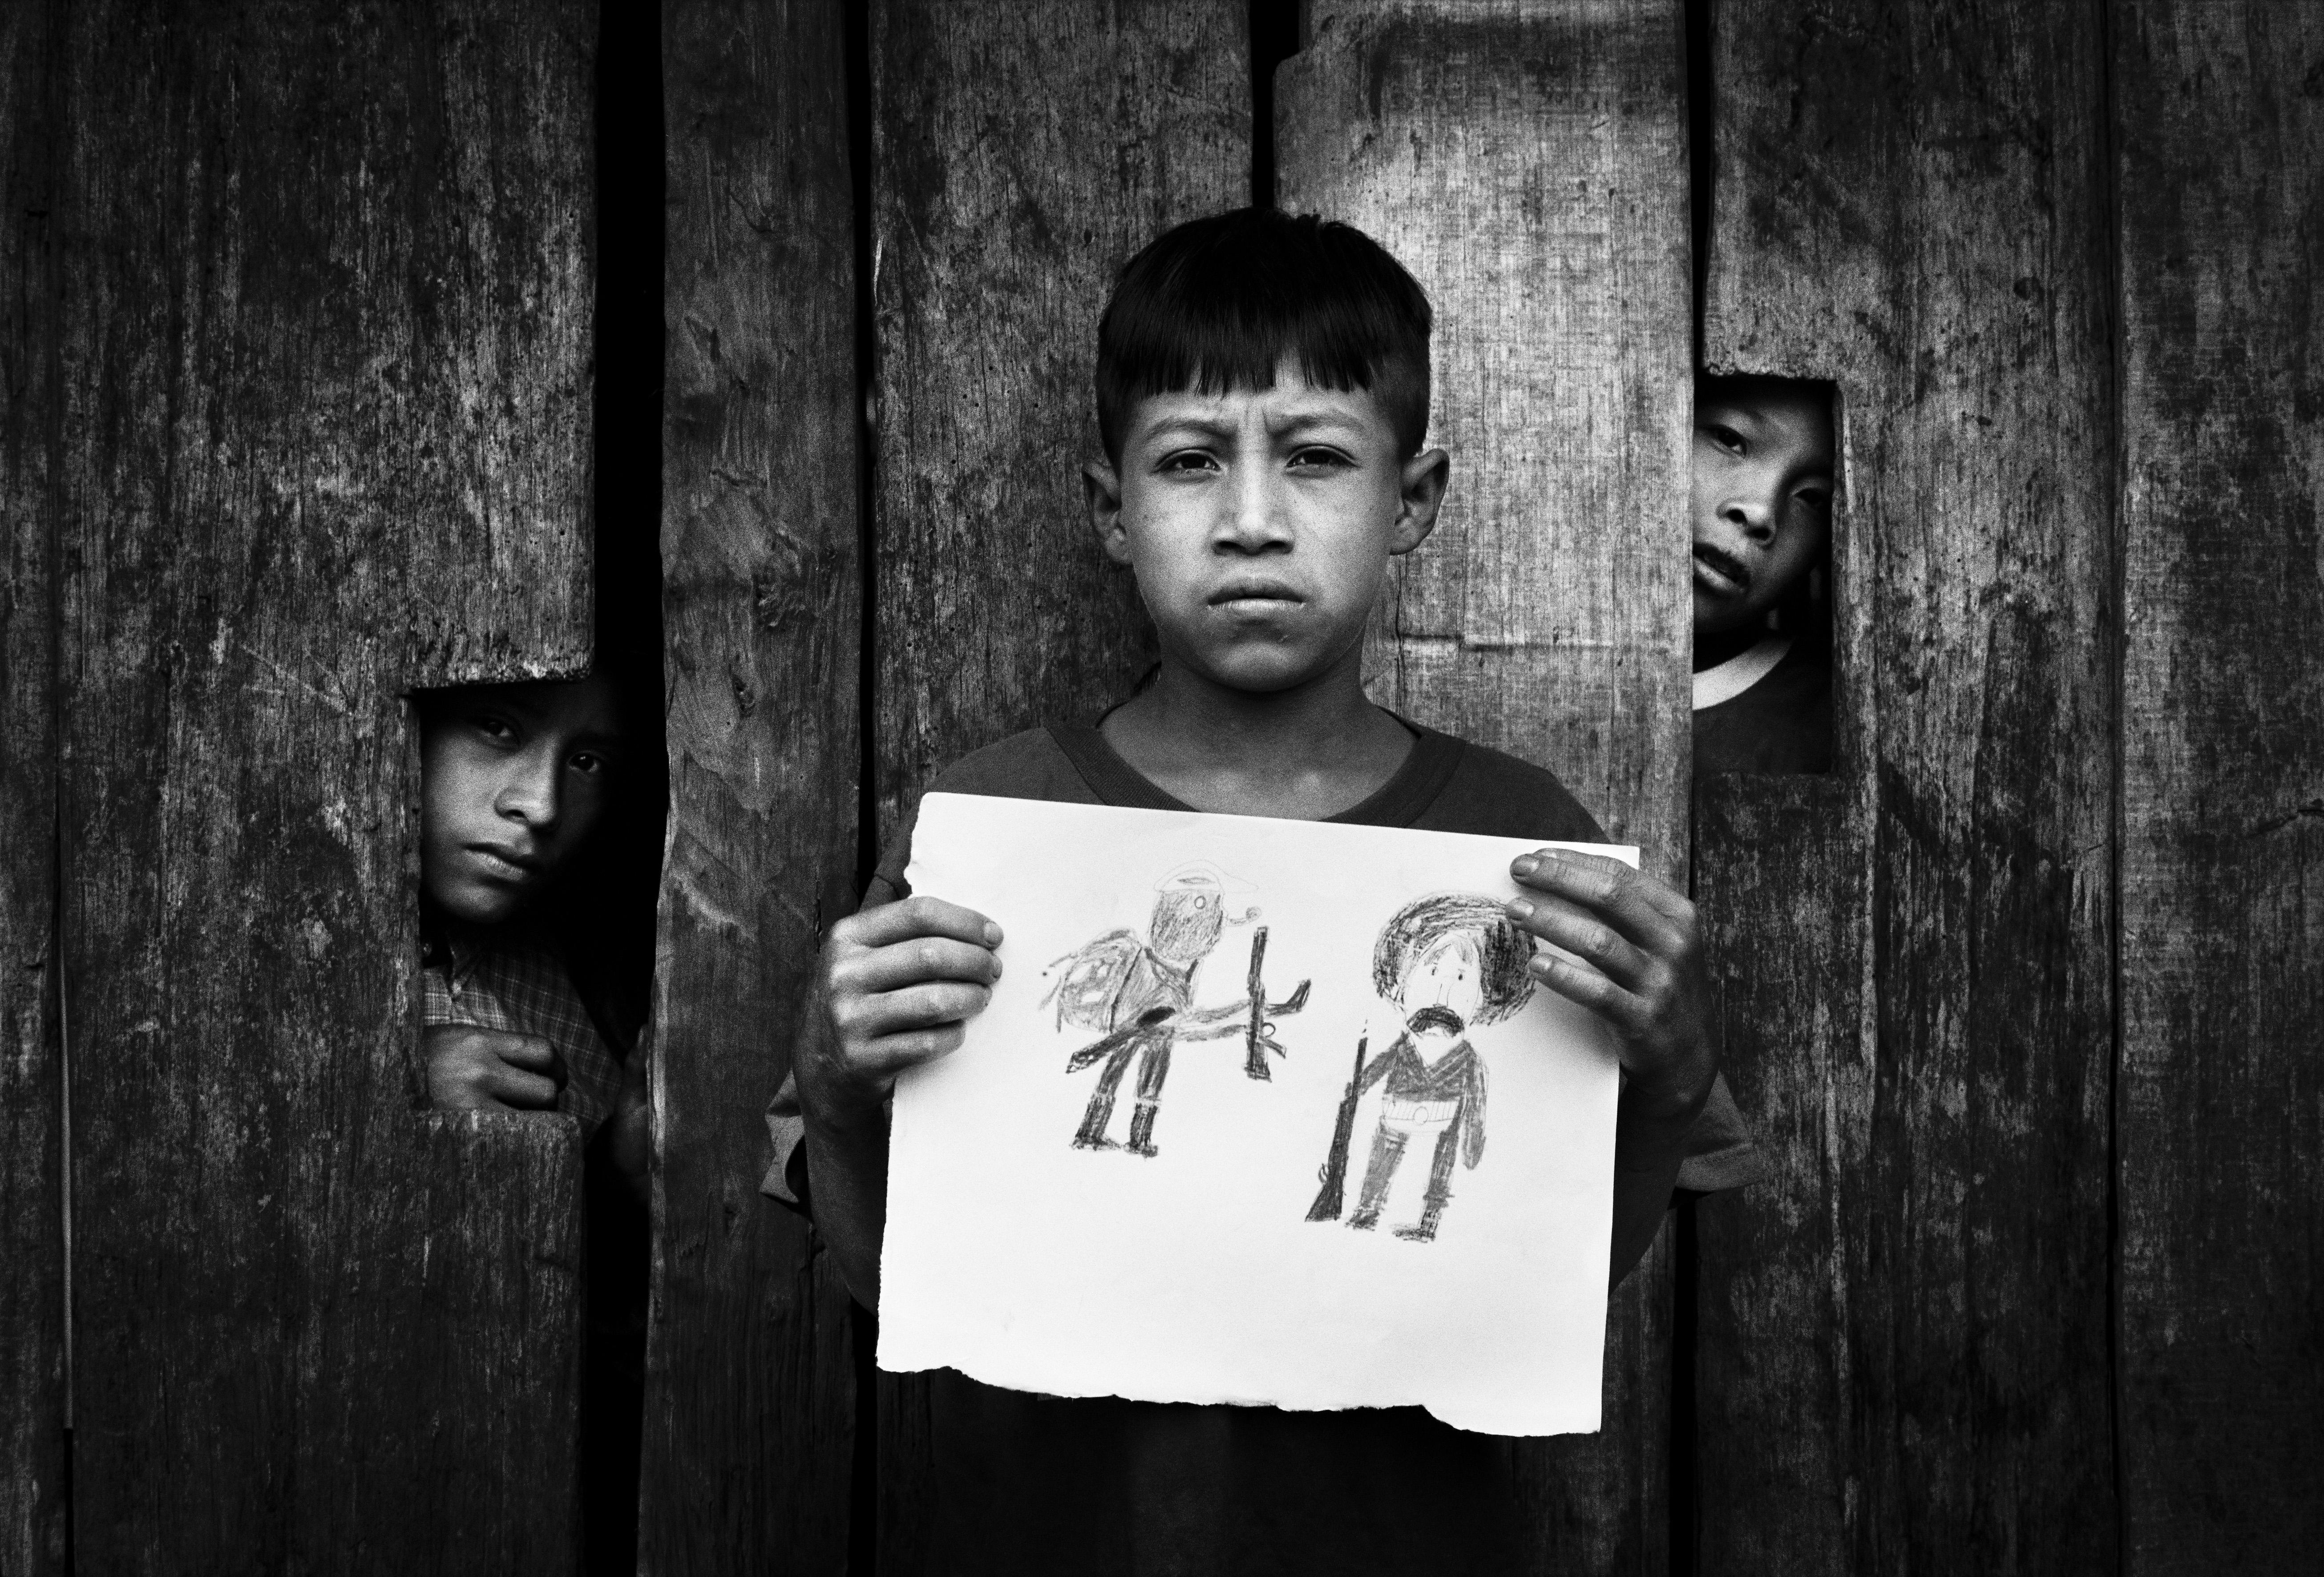 Ismael hizo un dibujo representando a Zapata y al Subcomandante Marcos. | Mat Jacob. Chiapas, insurrección zapatista en México, 1995-2013 | Museo Amparo, Puebla